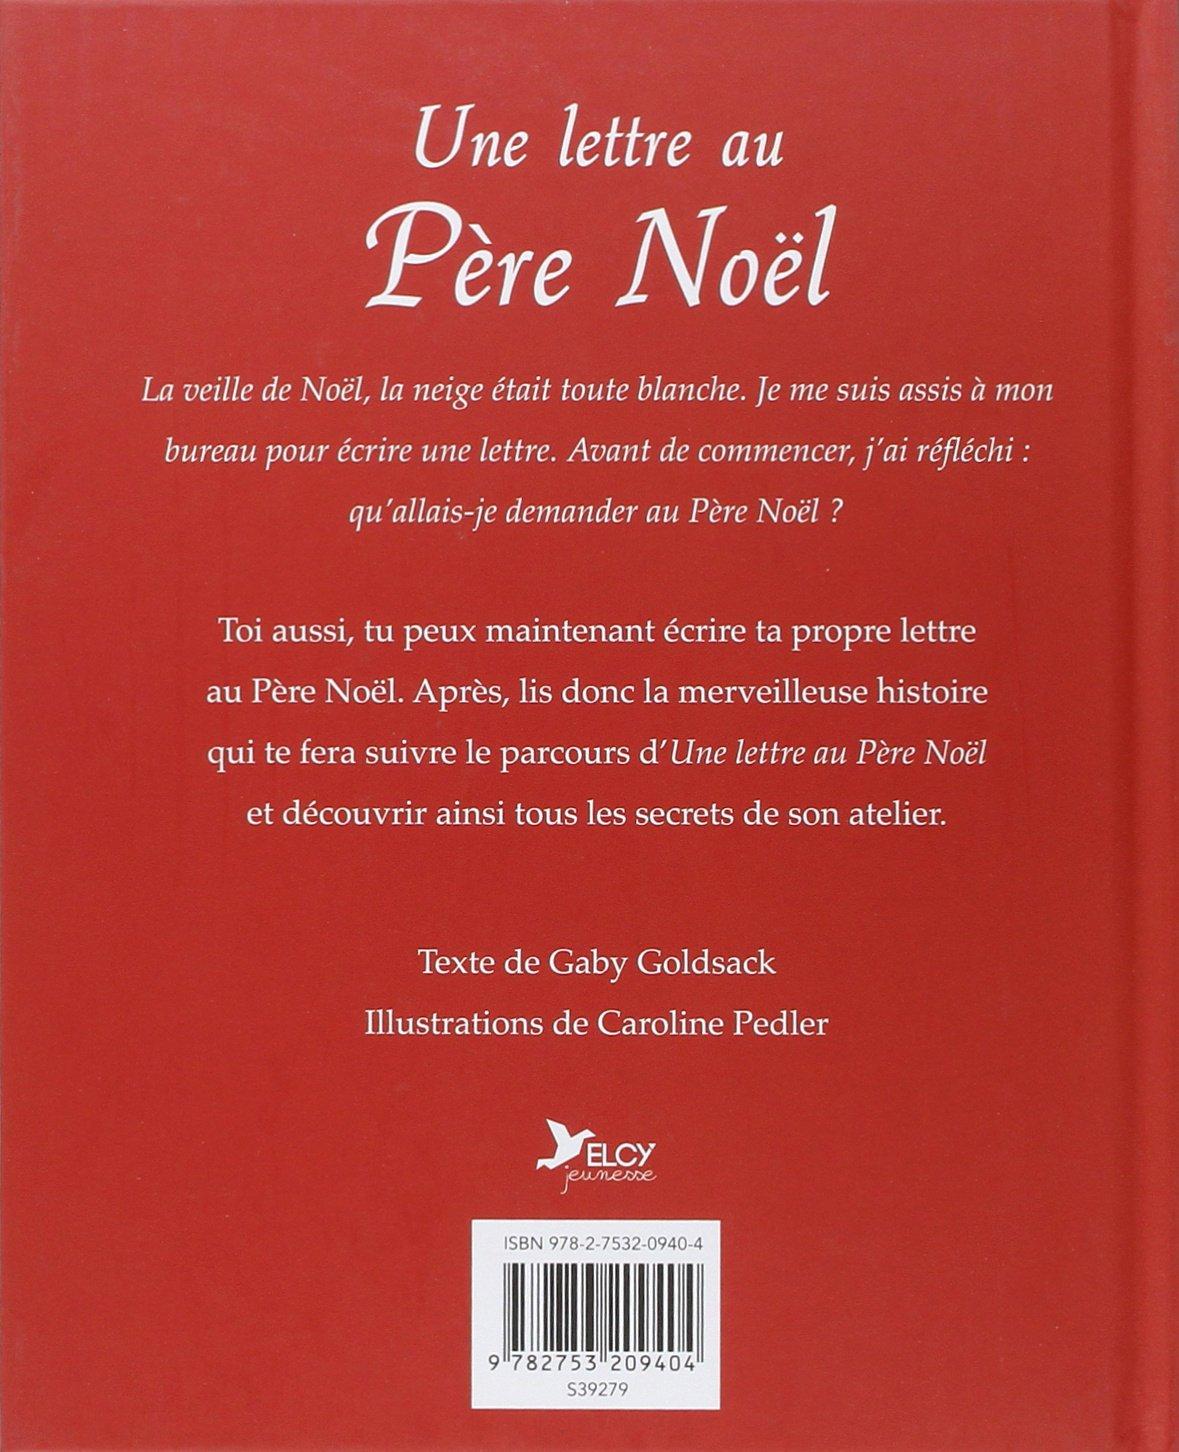 Comment Ecrire La Lettre Au Pere Noel.Amazon Fr Une Lettre Au Pere Noel Gaby Goldsack